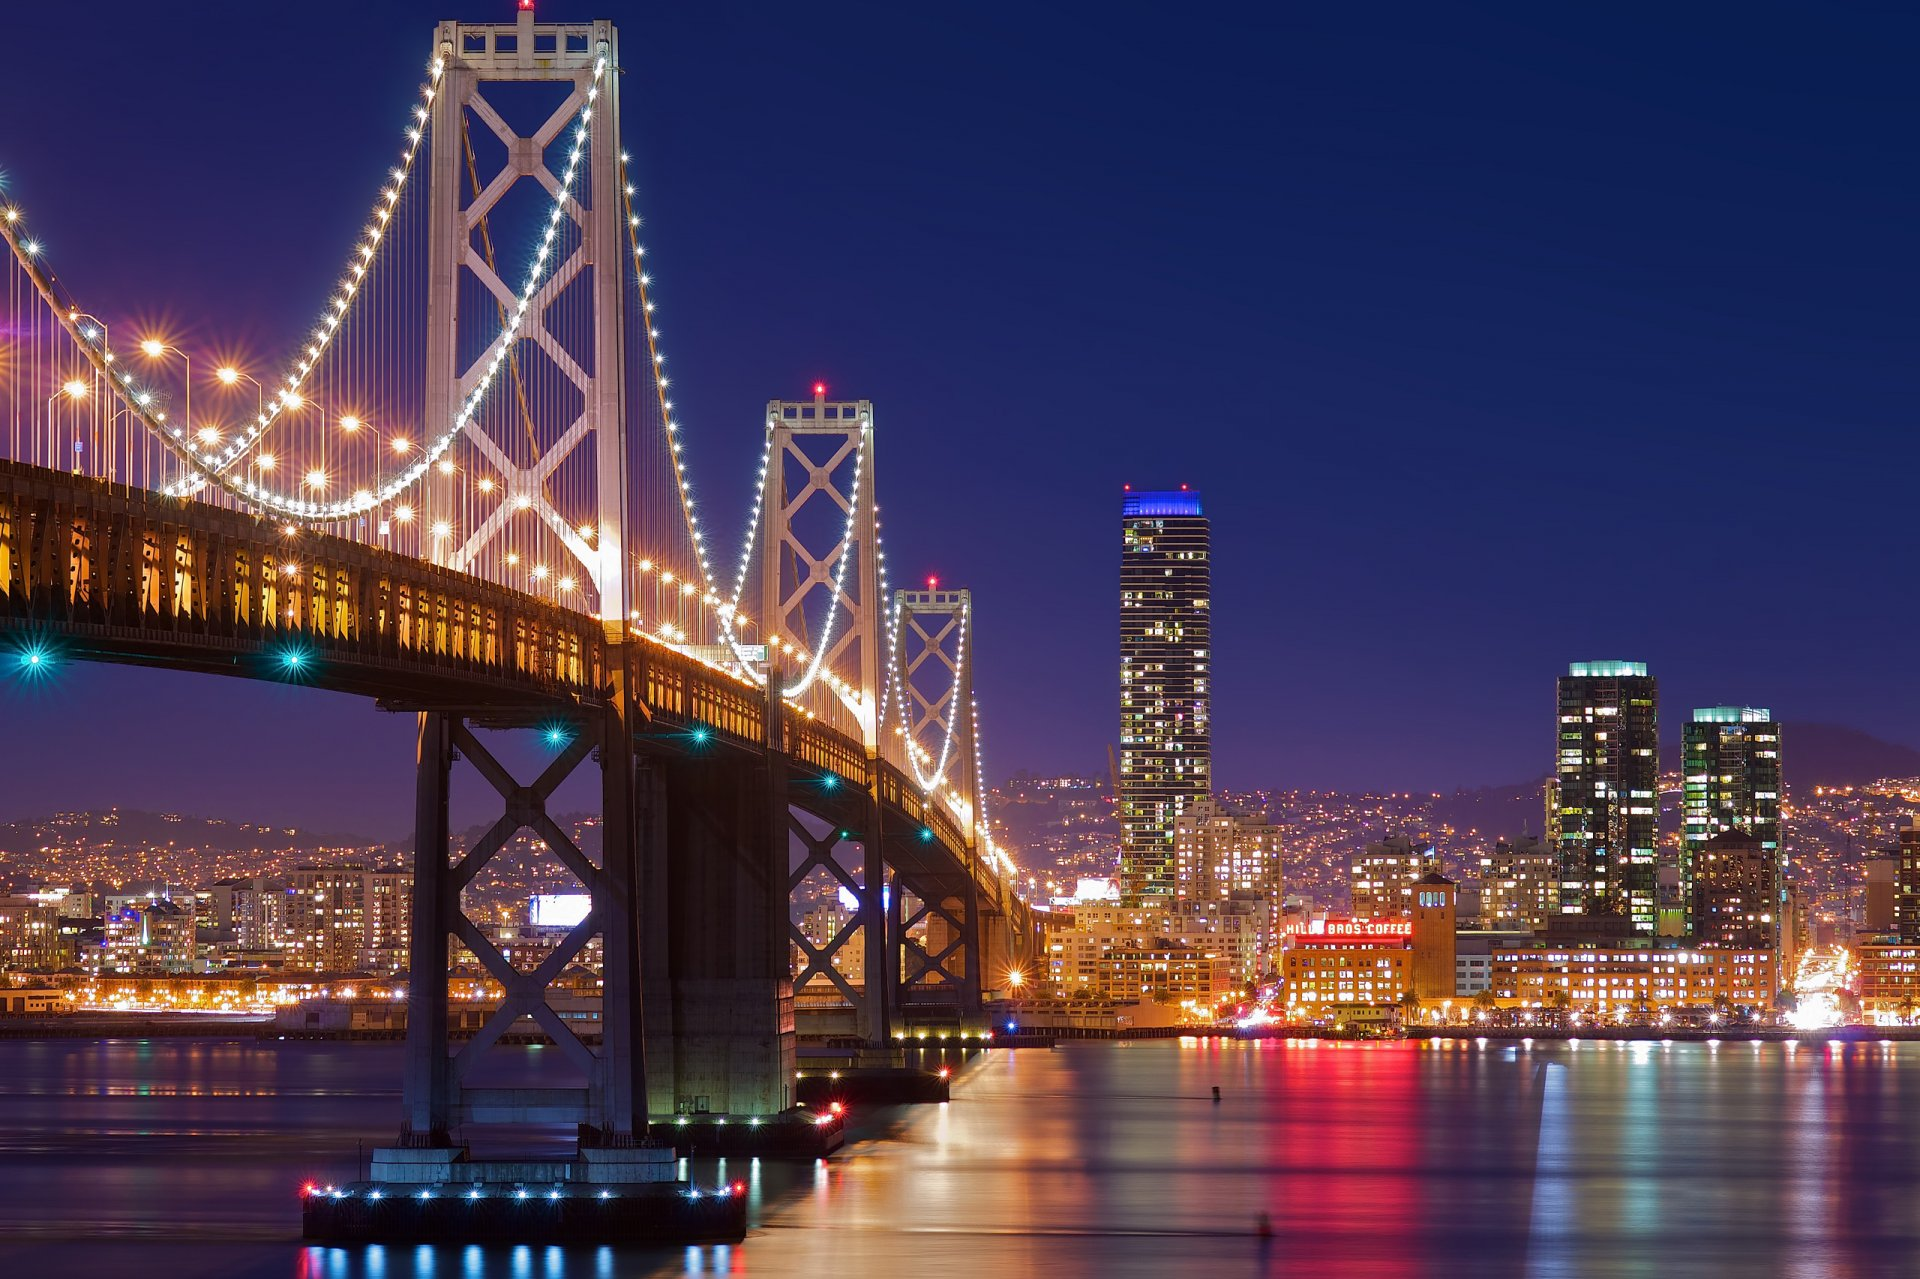 Картинки города с мостами